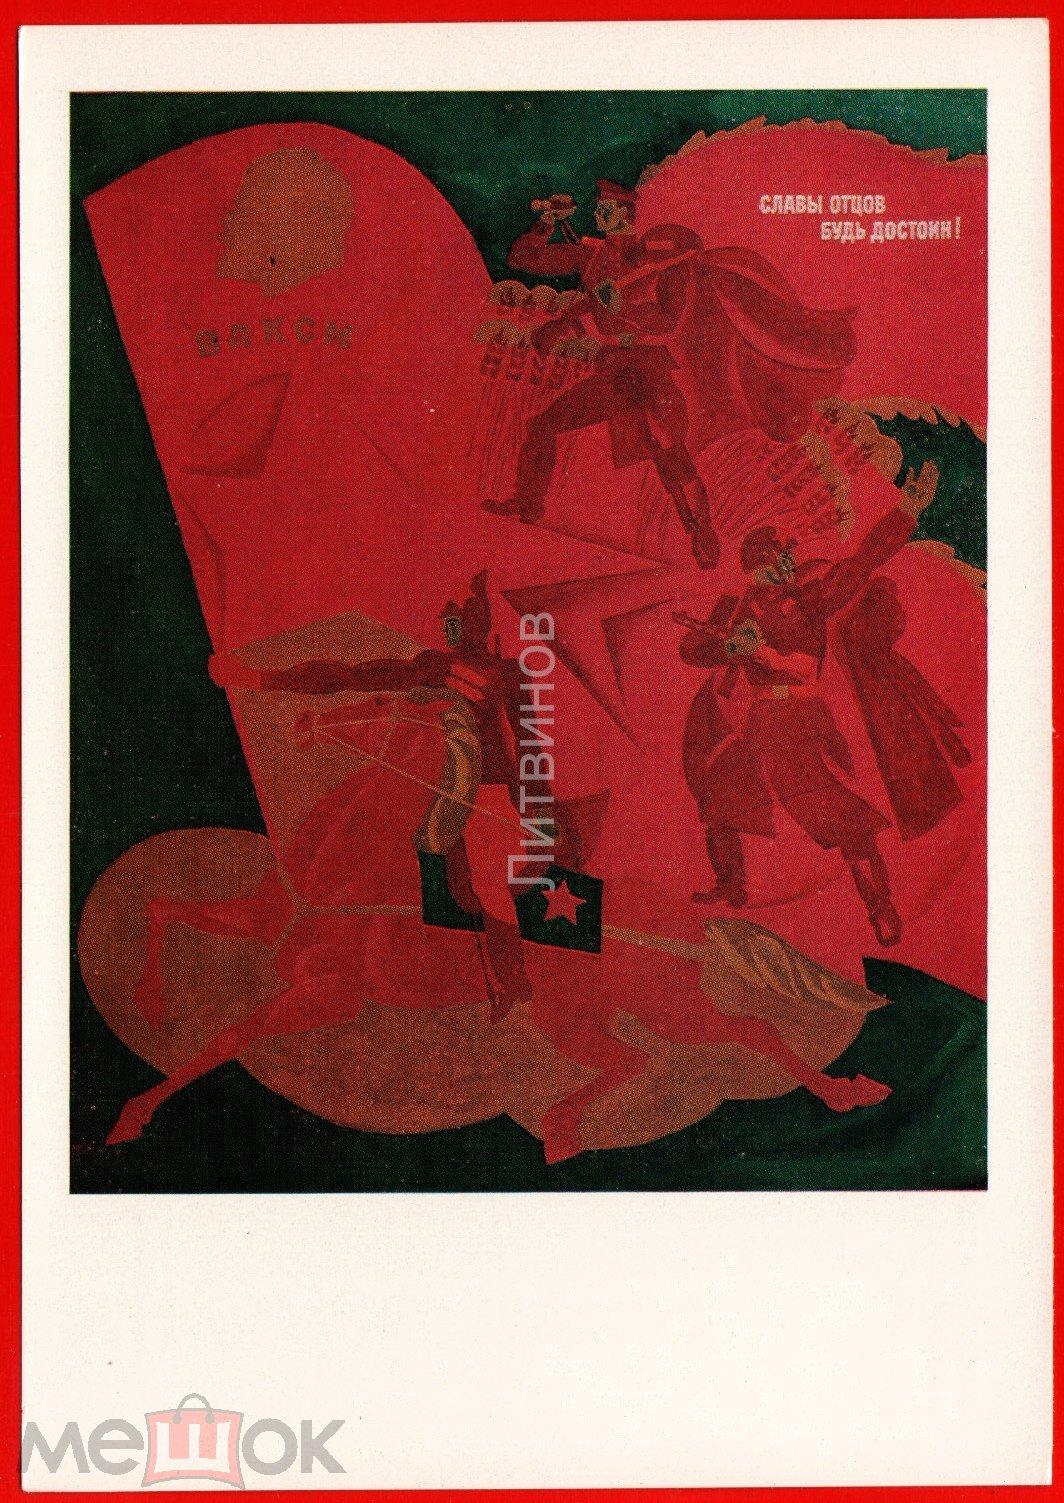 94992 Рыбаков Славы отцов будь достоин лозунг красноармеец ВЛКСМ ВОВ Ленин Комсомол соцреализм